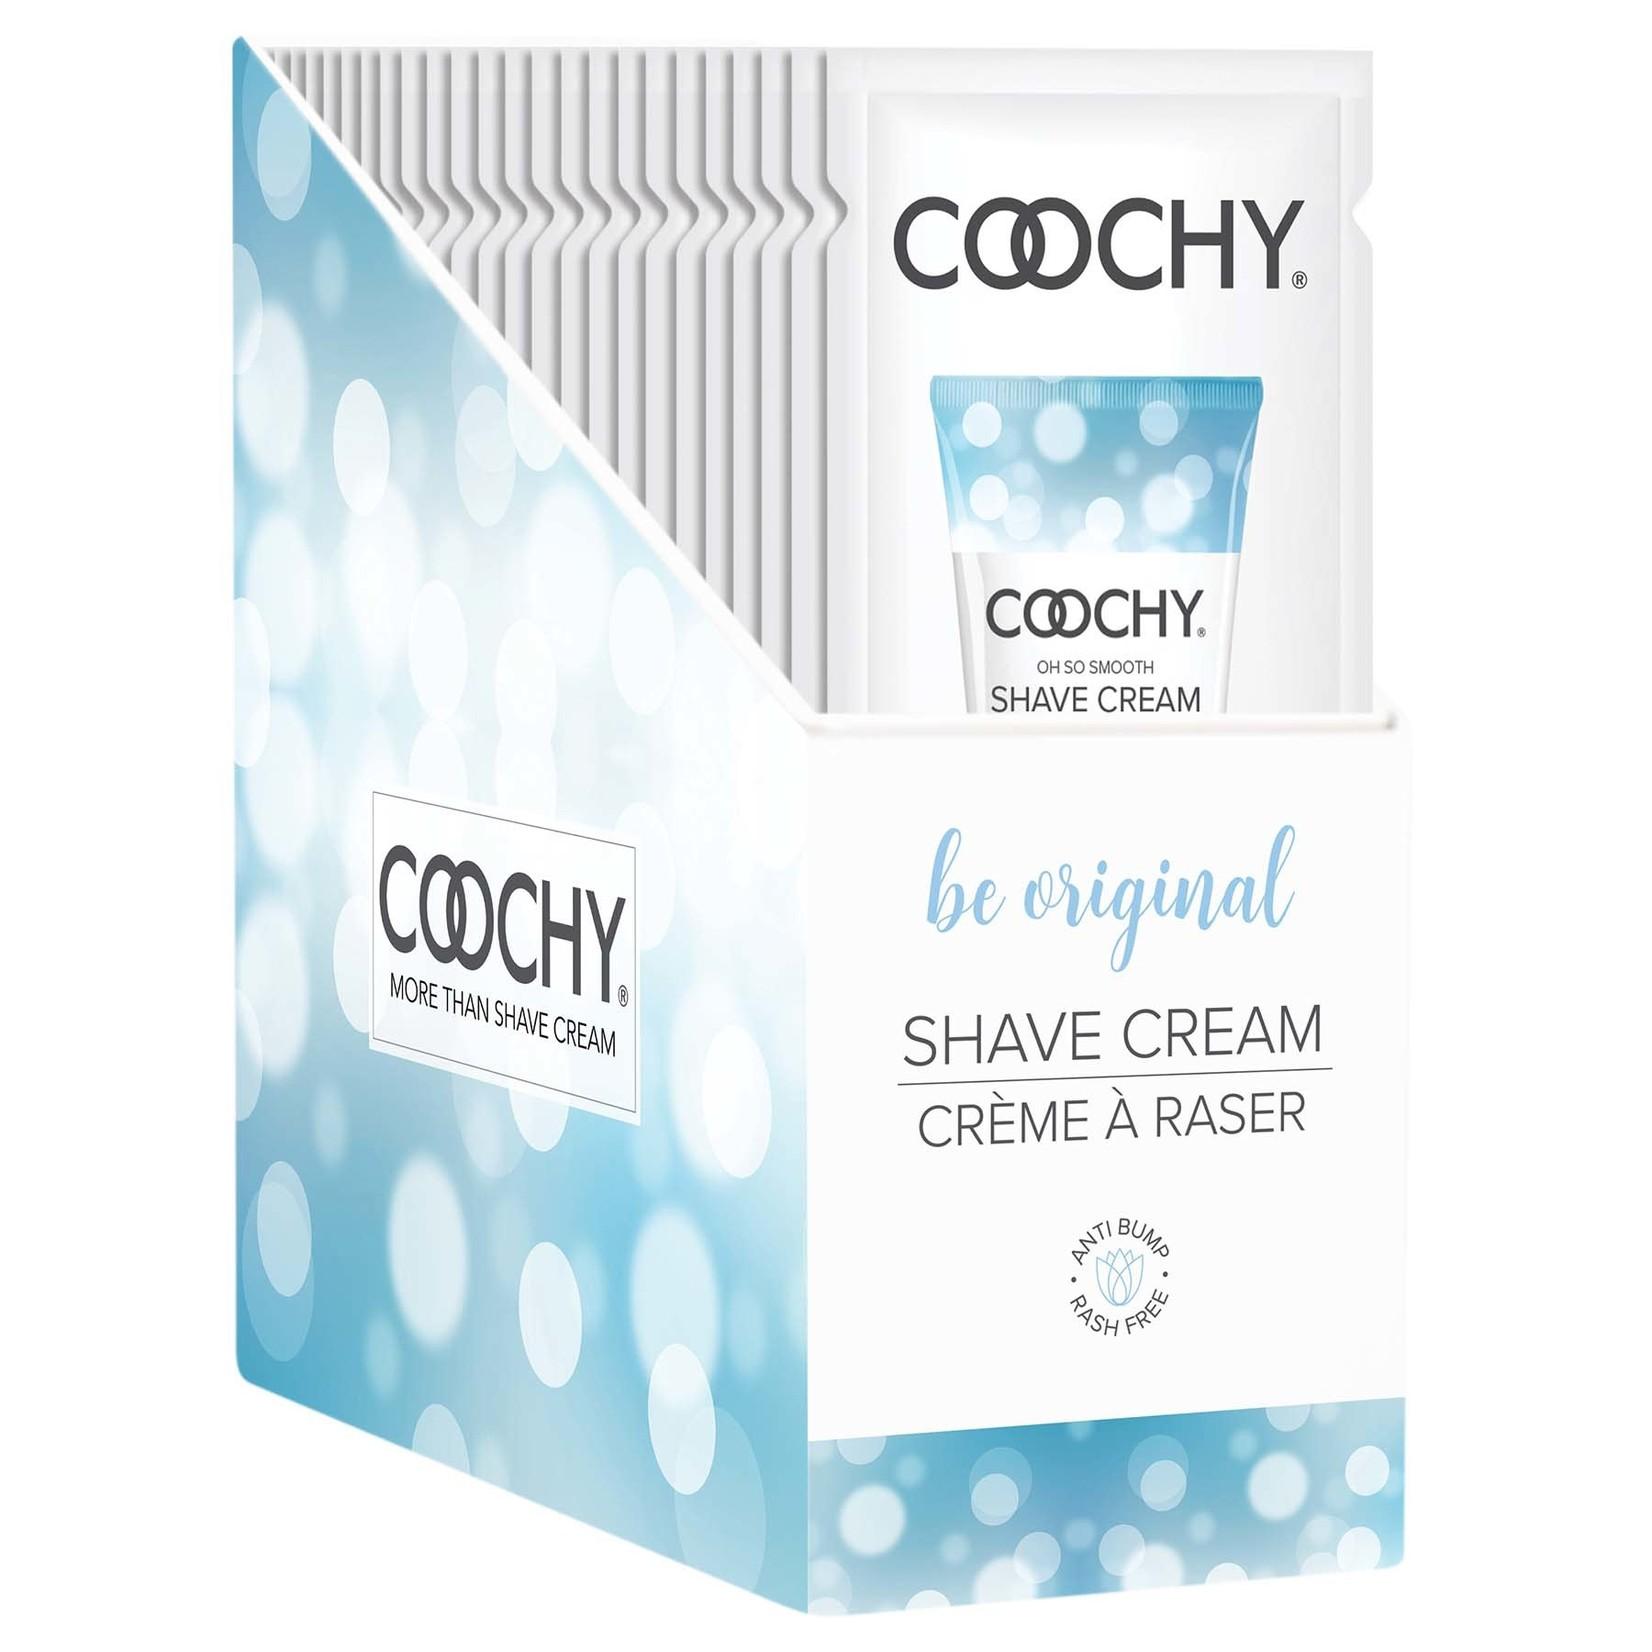 Coochy Shave Cream-Be Original 15ml Foil